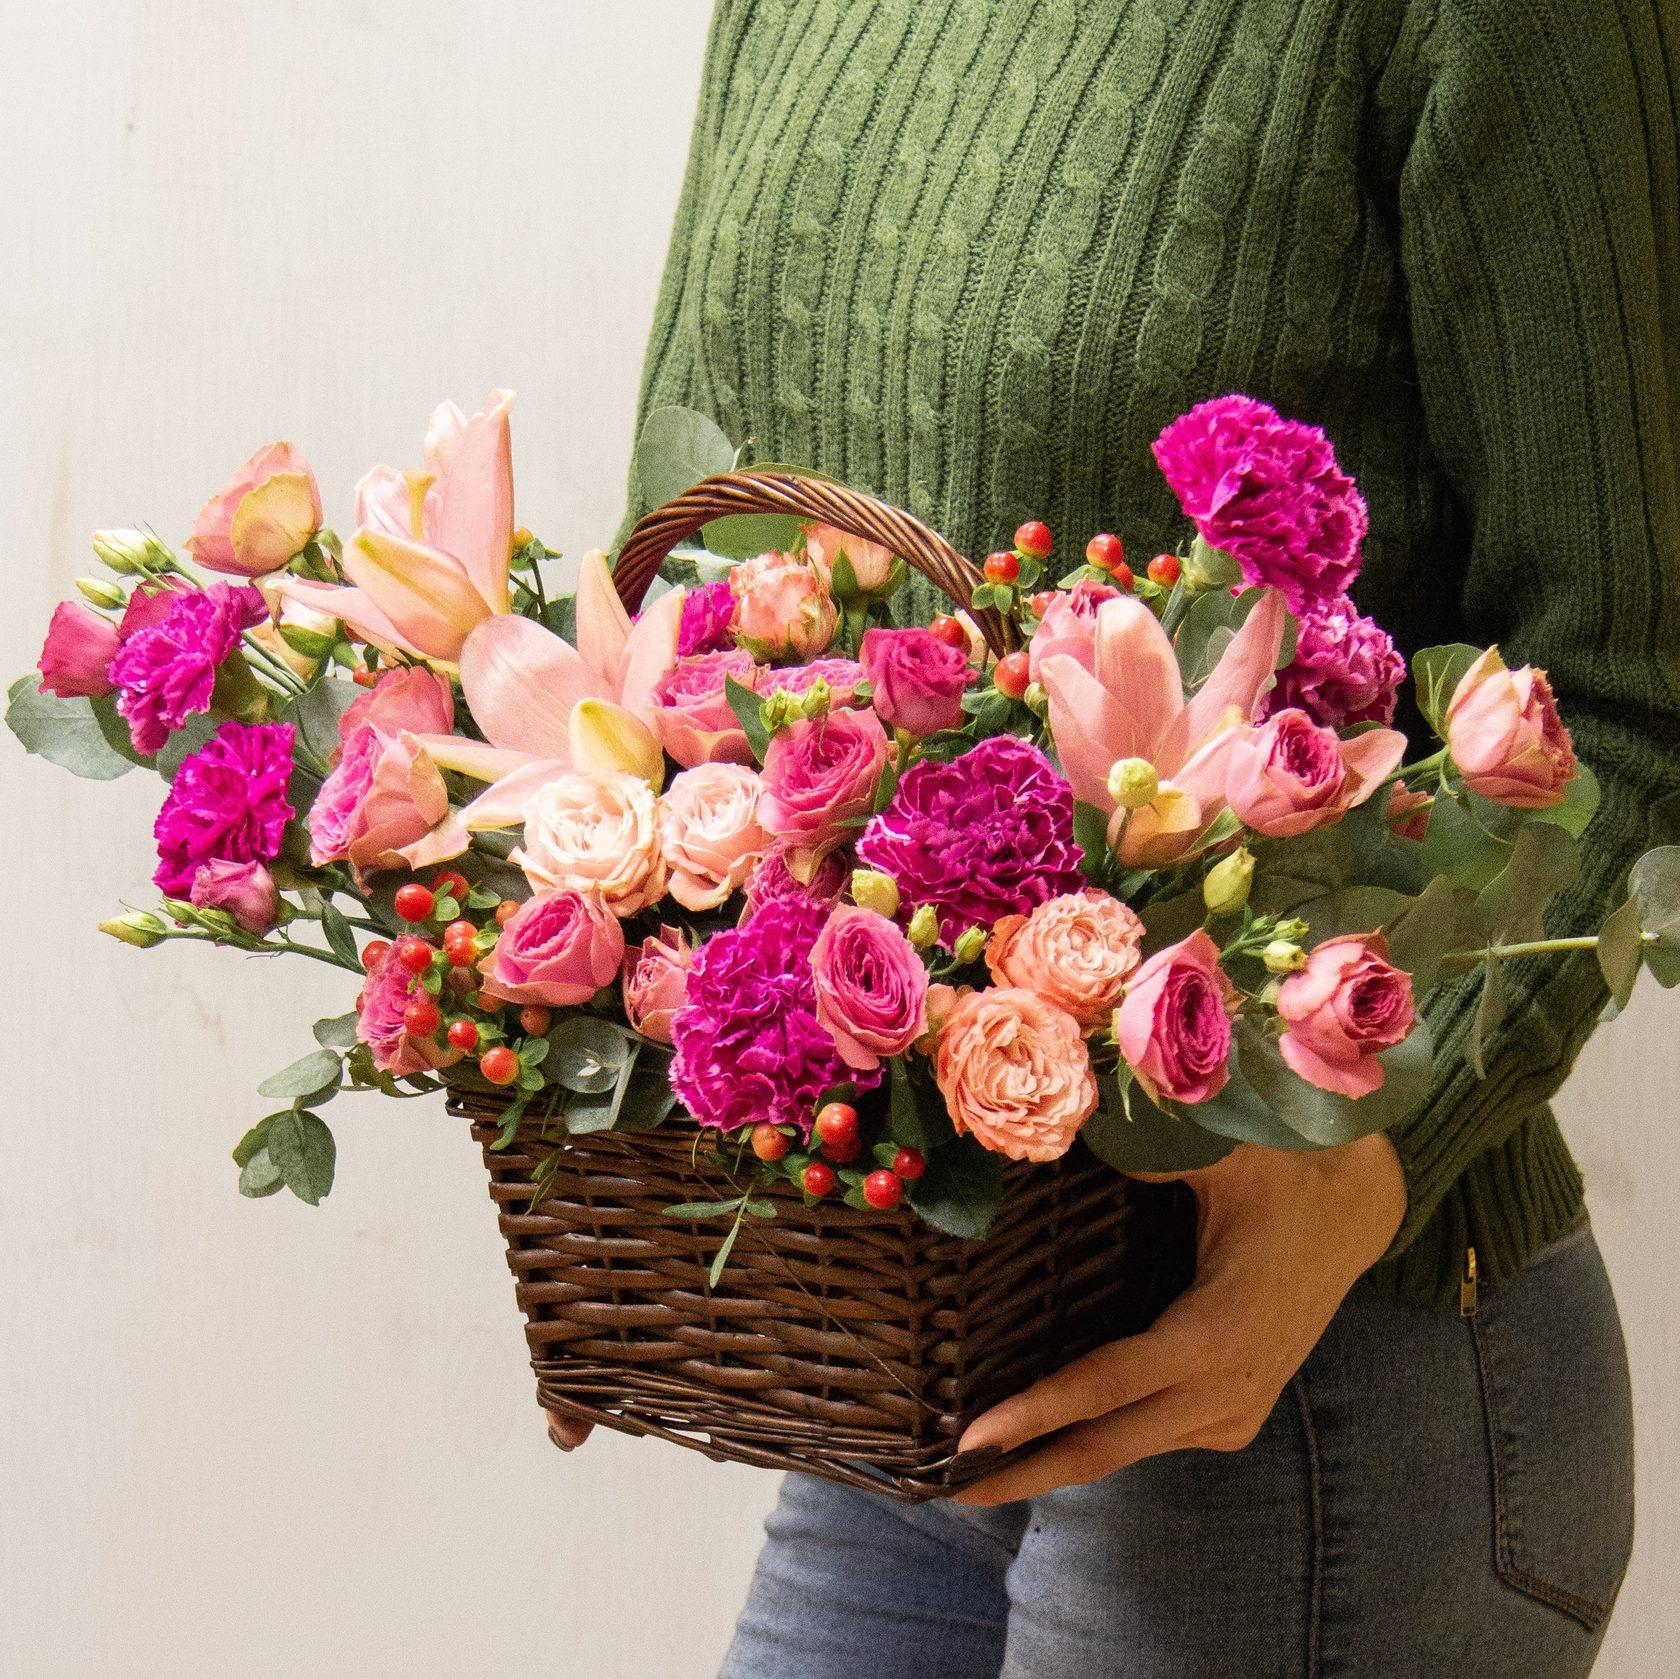 Свадебных букетов, цветы с доставкой в новосибирске дешево левый берег